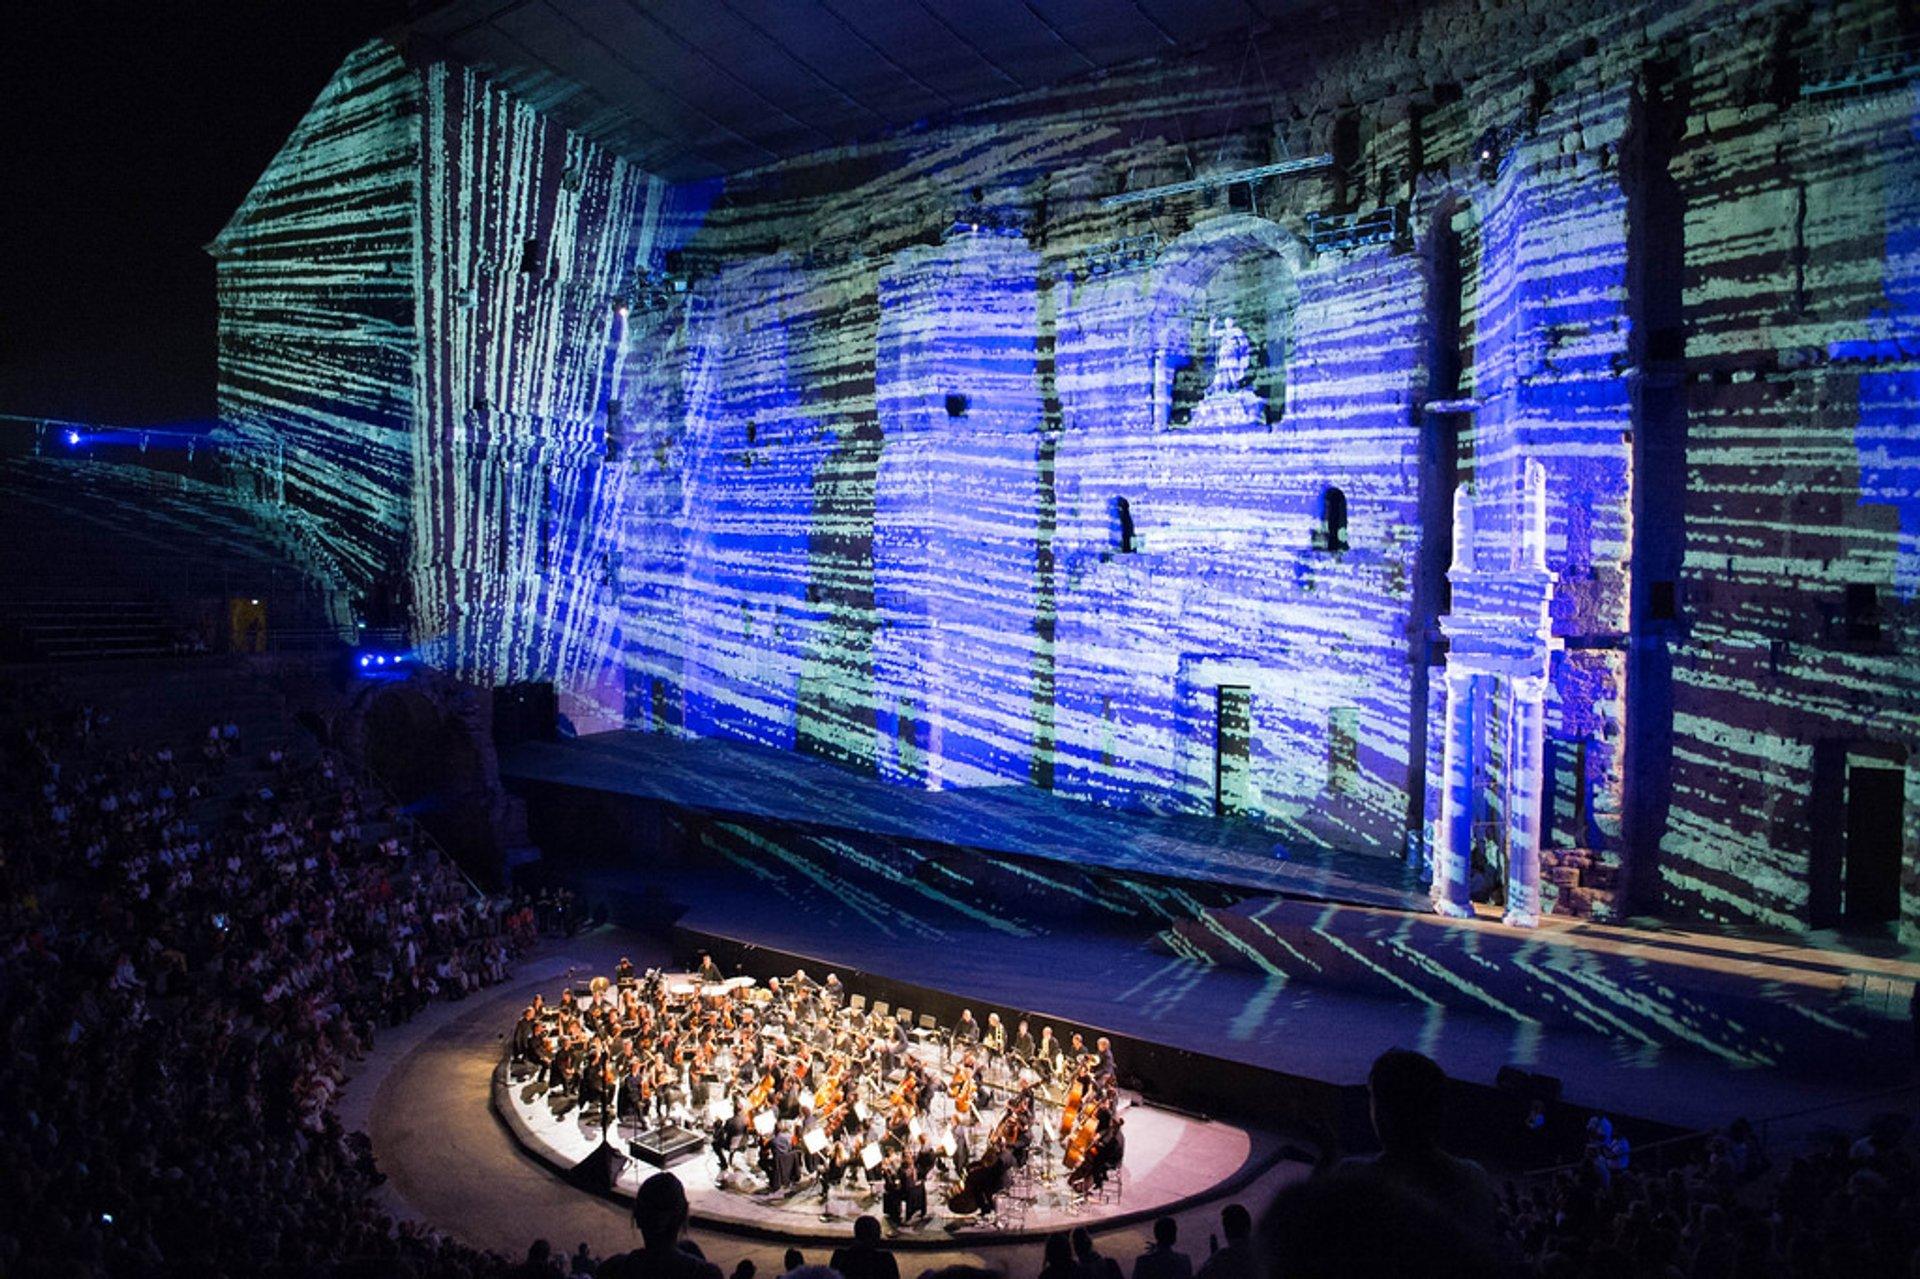 Théâtre Antique & Musée d'Orange 2020